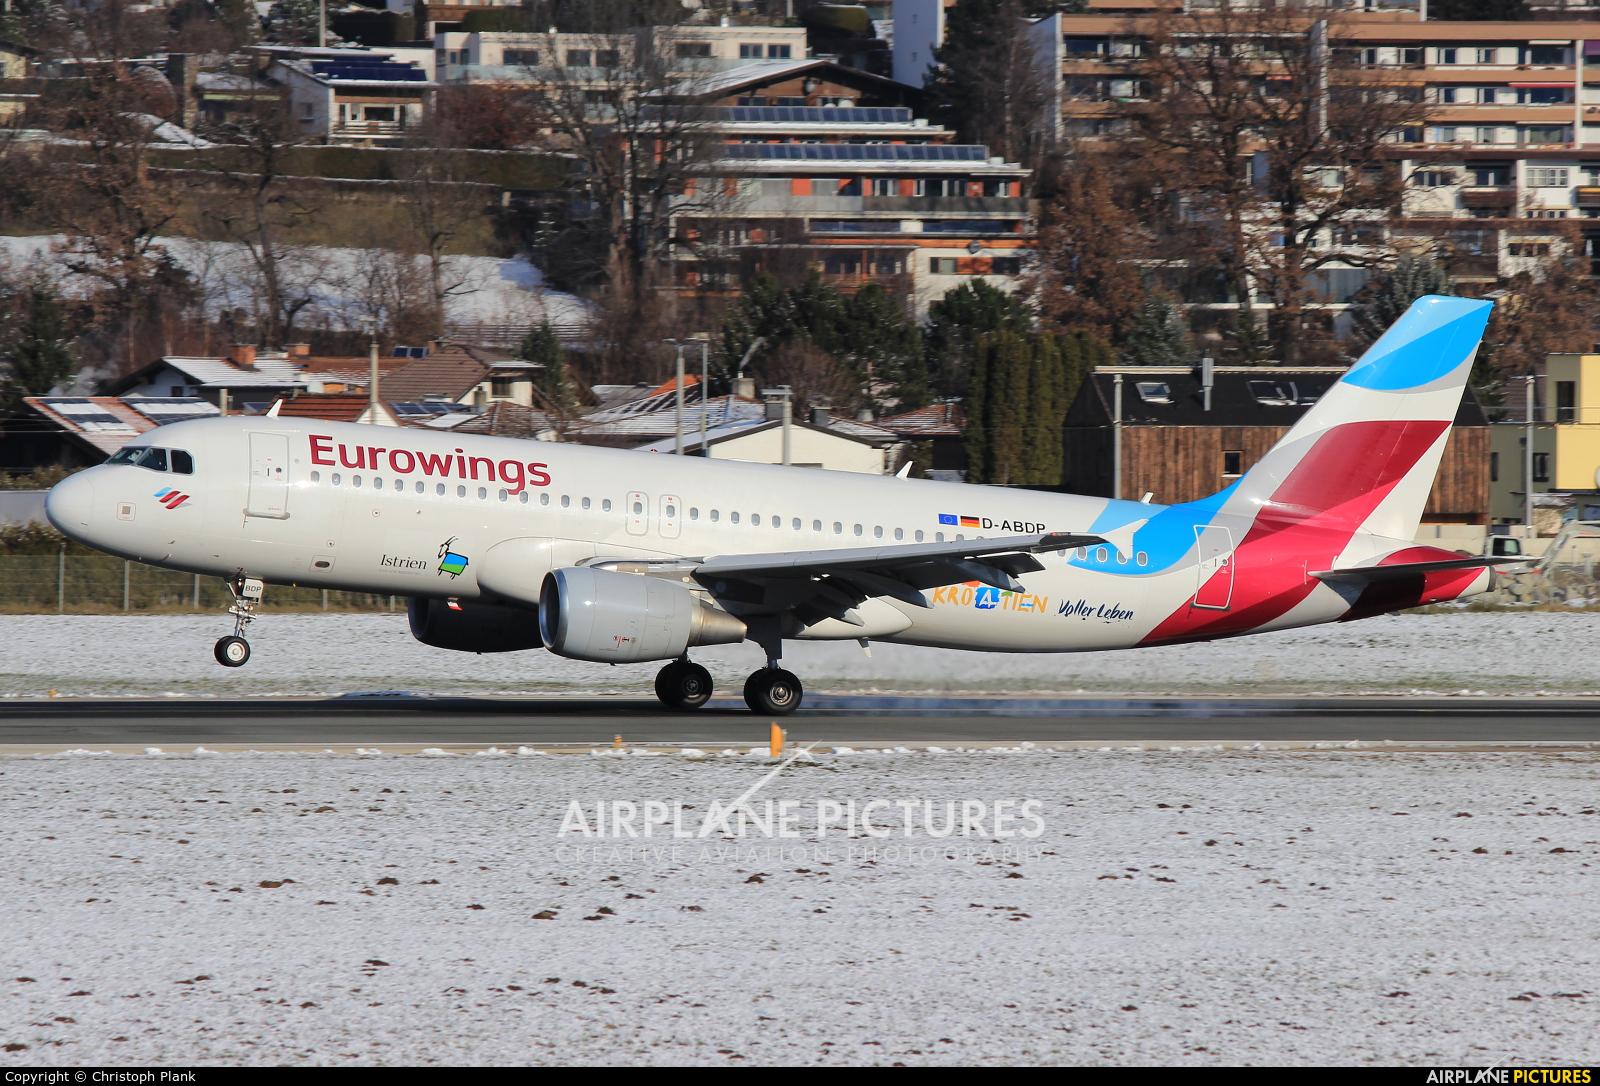 Eurowings D-ABDP aircraft at Innsbruck